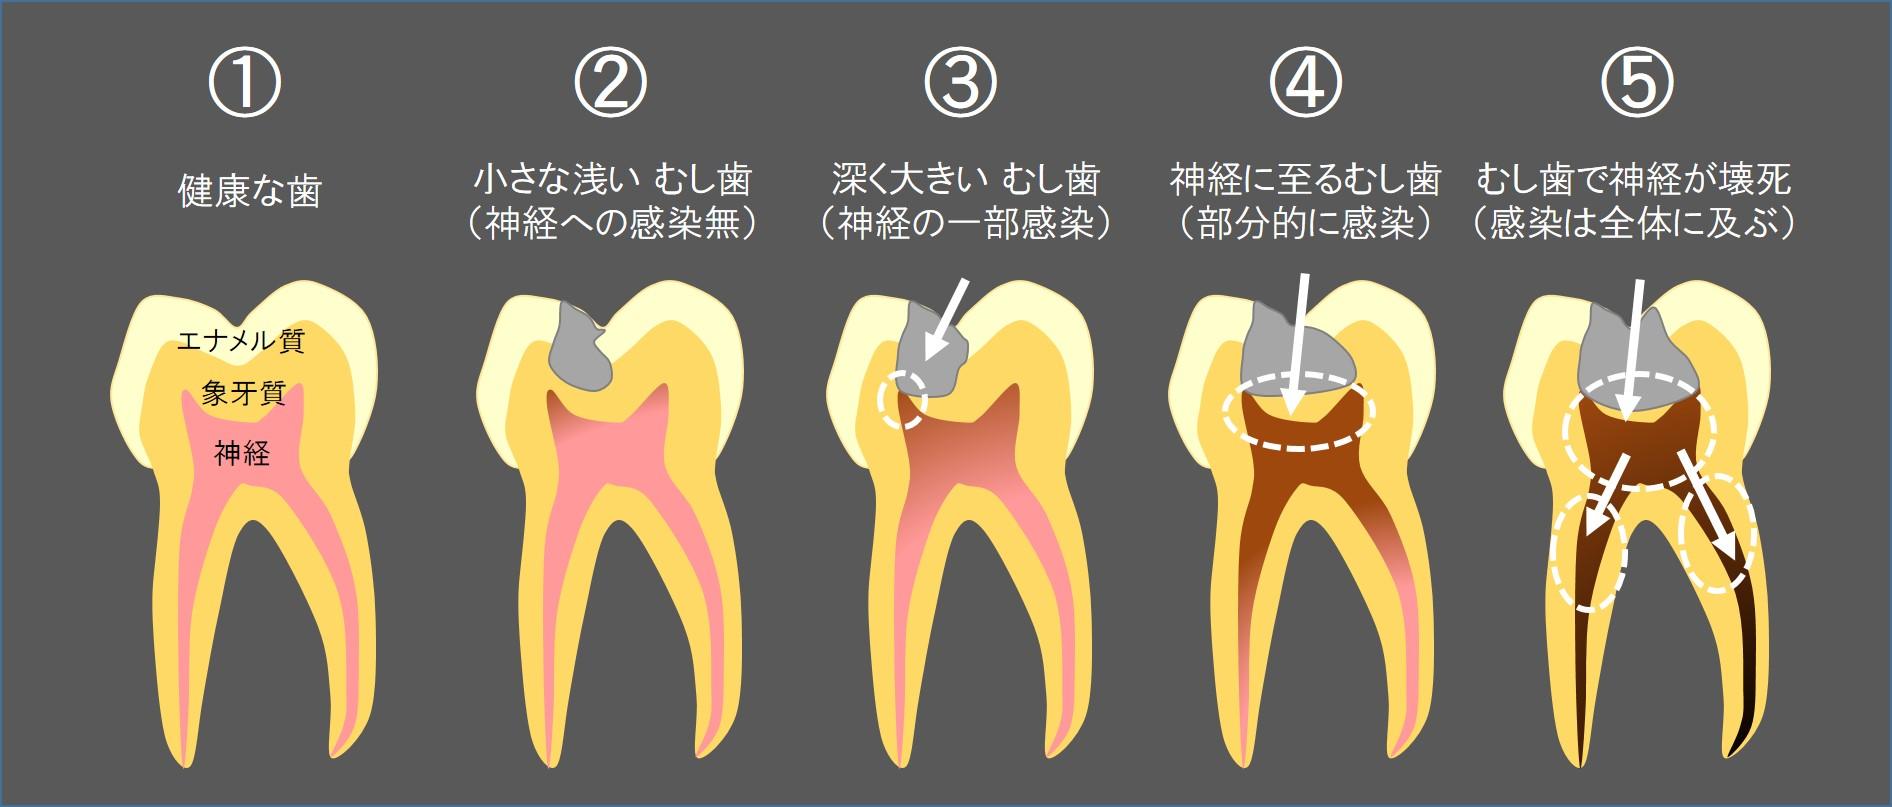 むし歯の進行と歯の神経の炎症・感染・壊死の状態 歯の神経を残す治療 根管治療について 3